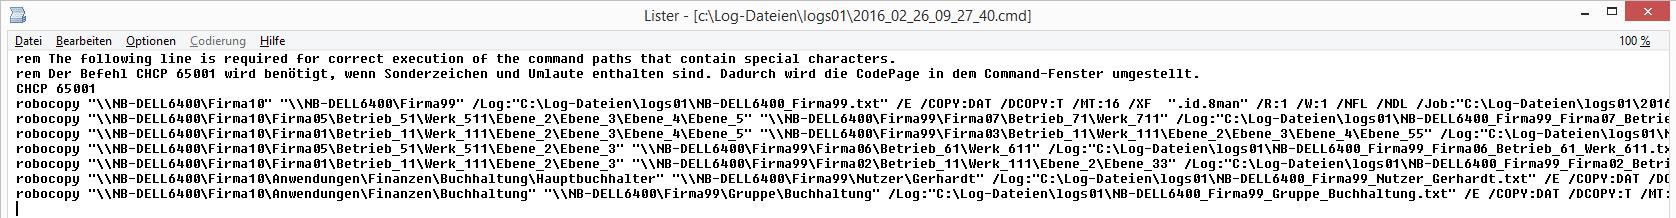 cmd-Datei